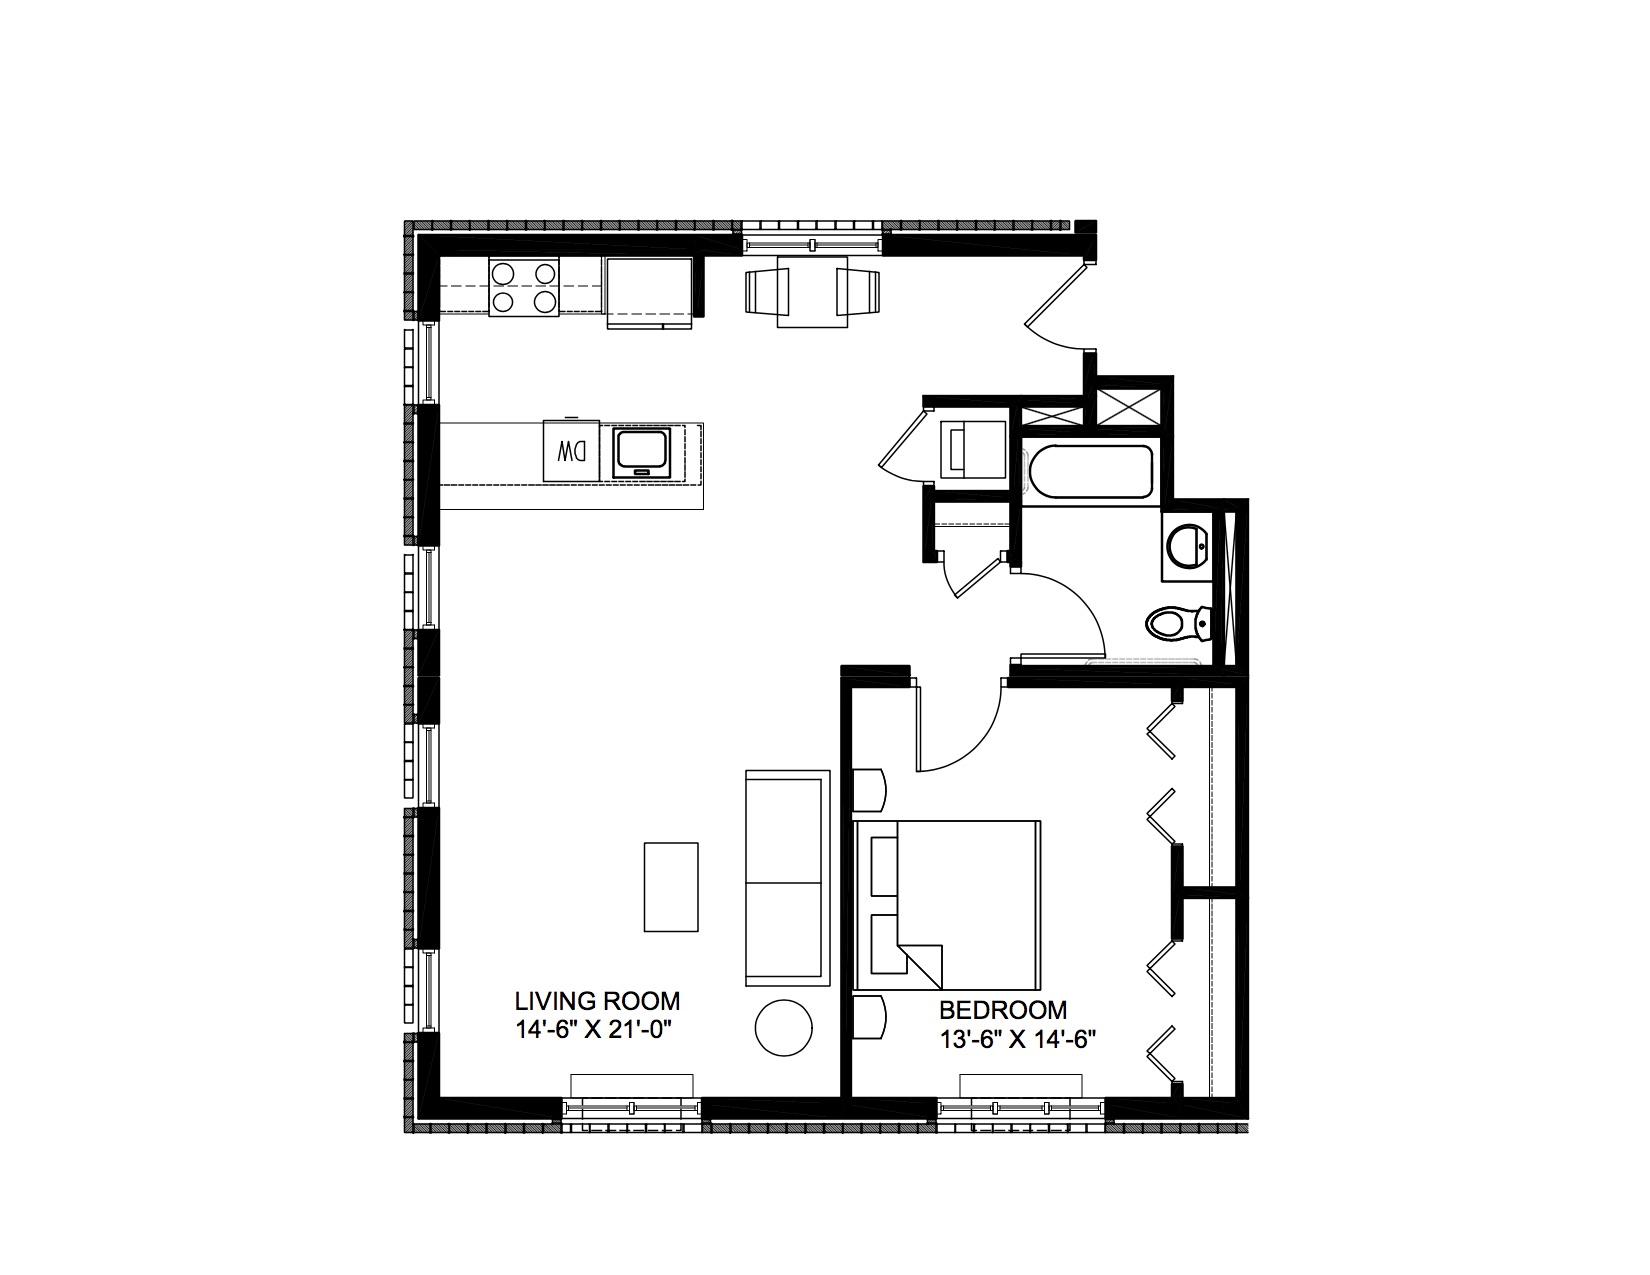 Murano - 1 Bedroom